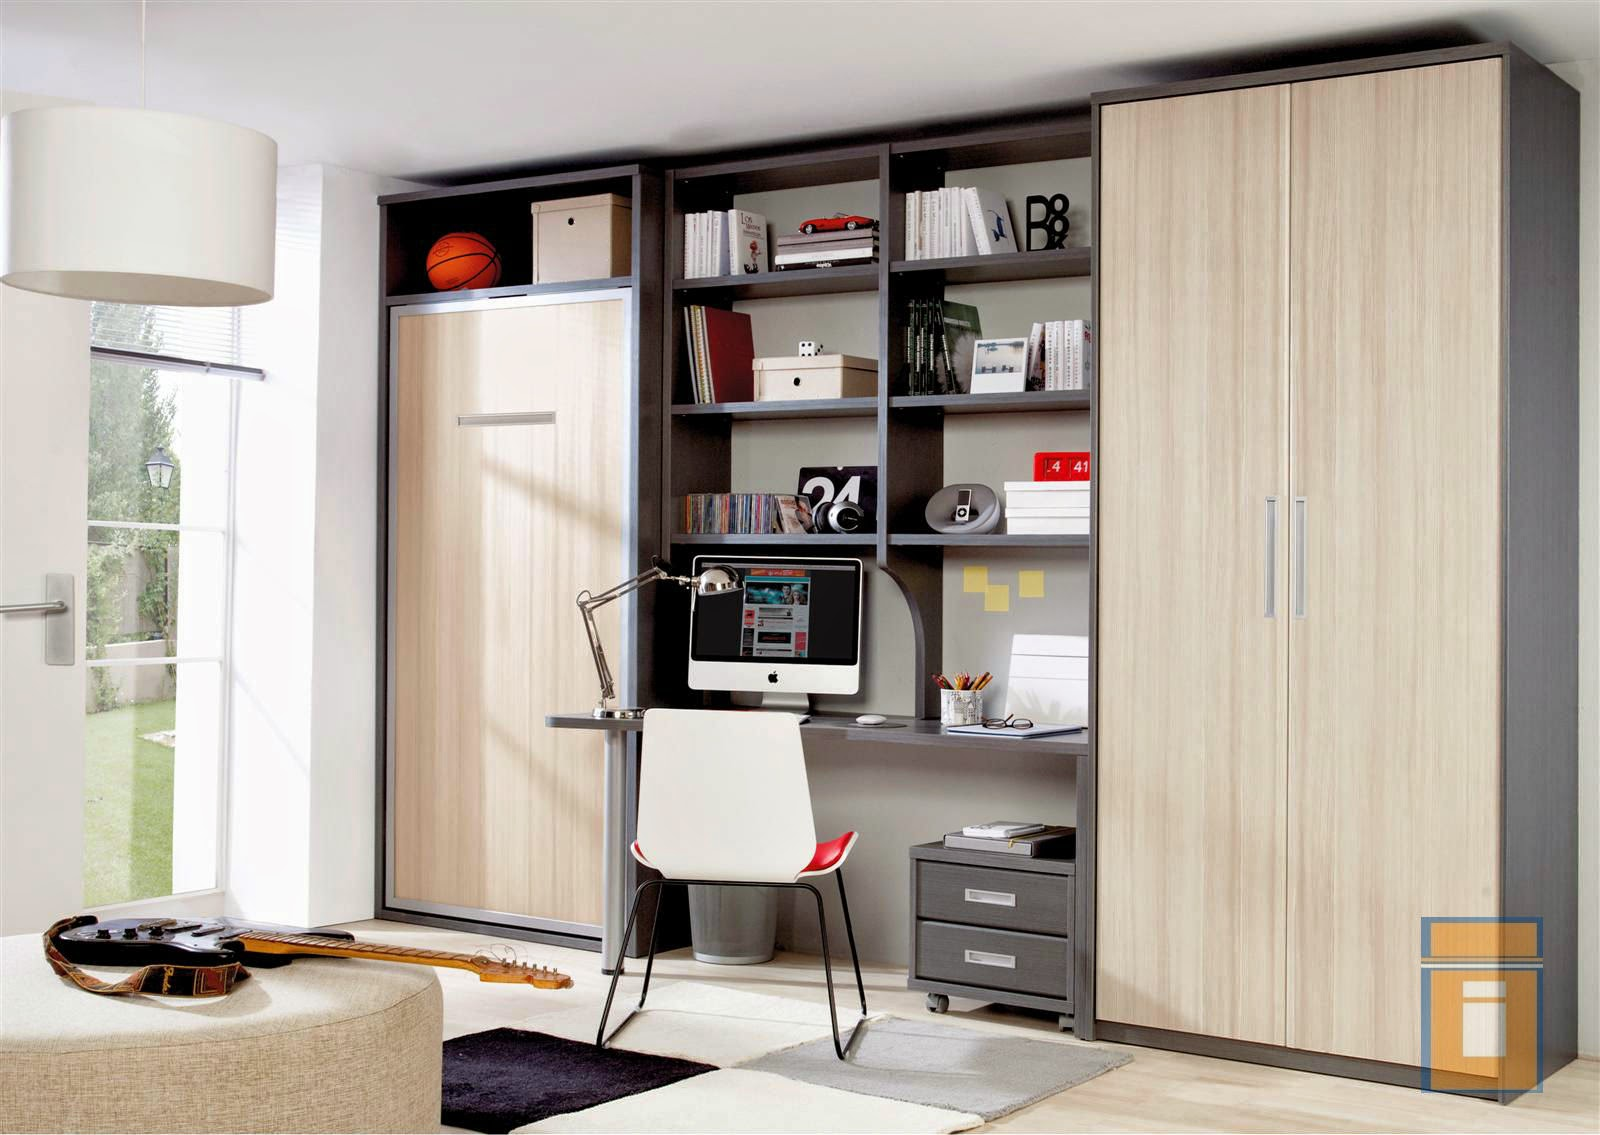 Armimobel muebles con vida dormitorios juveniles e - Habitaciones juveniles 2 camas ...